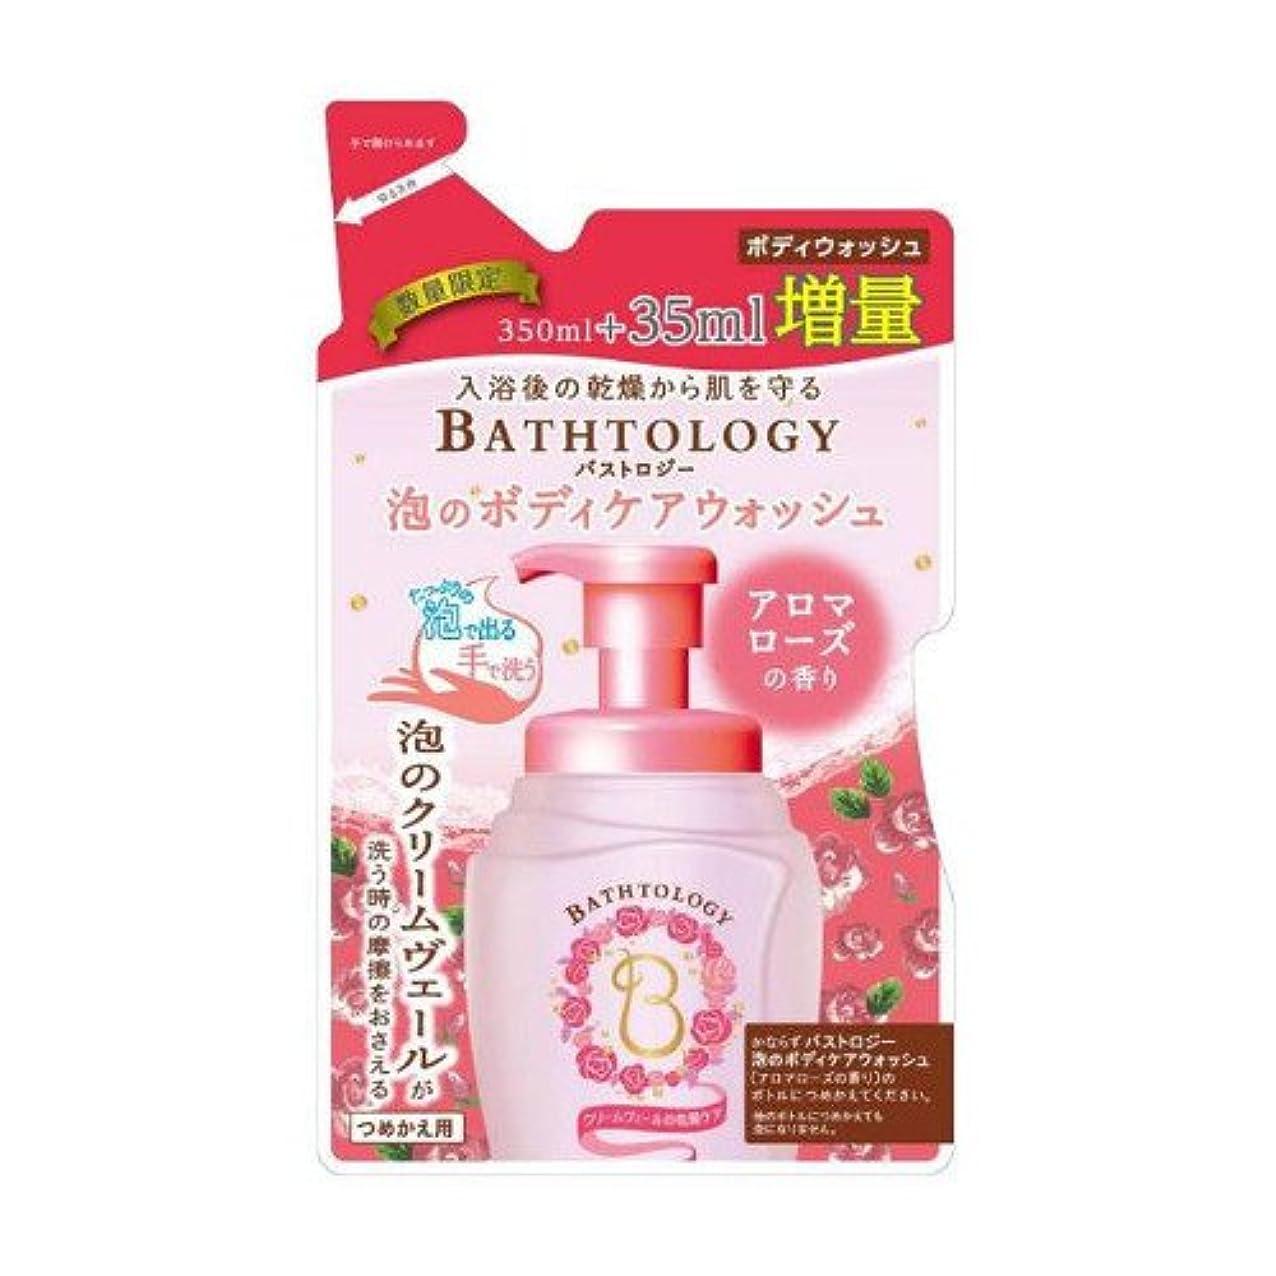 価値おなかがすいた手配するBATHTOLOGY(バストロジー) 泡のボディケアウォッシュ アロマローズの香り 詰替